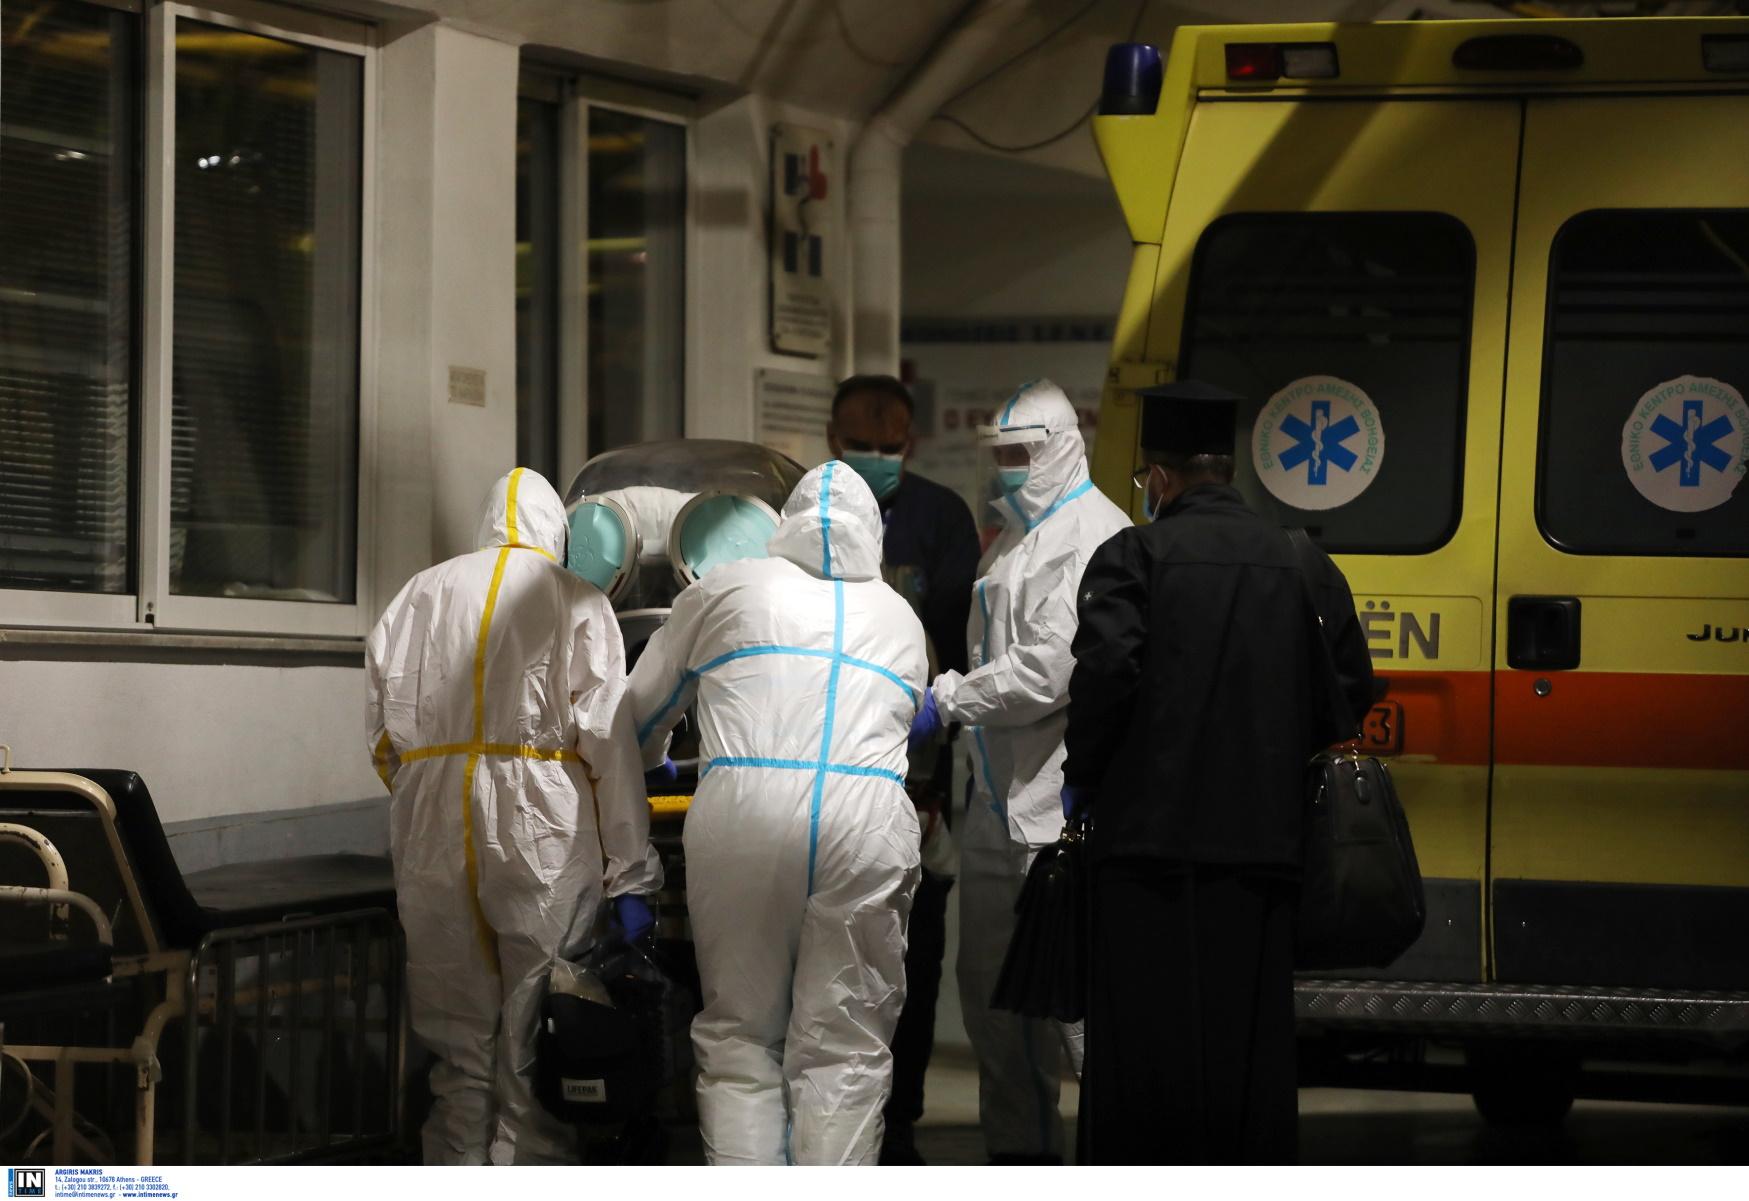 Πάτρα – κορονοϊός: Συναγερμός στο Πανεπιστημιακό Νοσοκομείο – 8 κρούσματα στο νοσηλευτικό προσωπικό